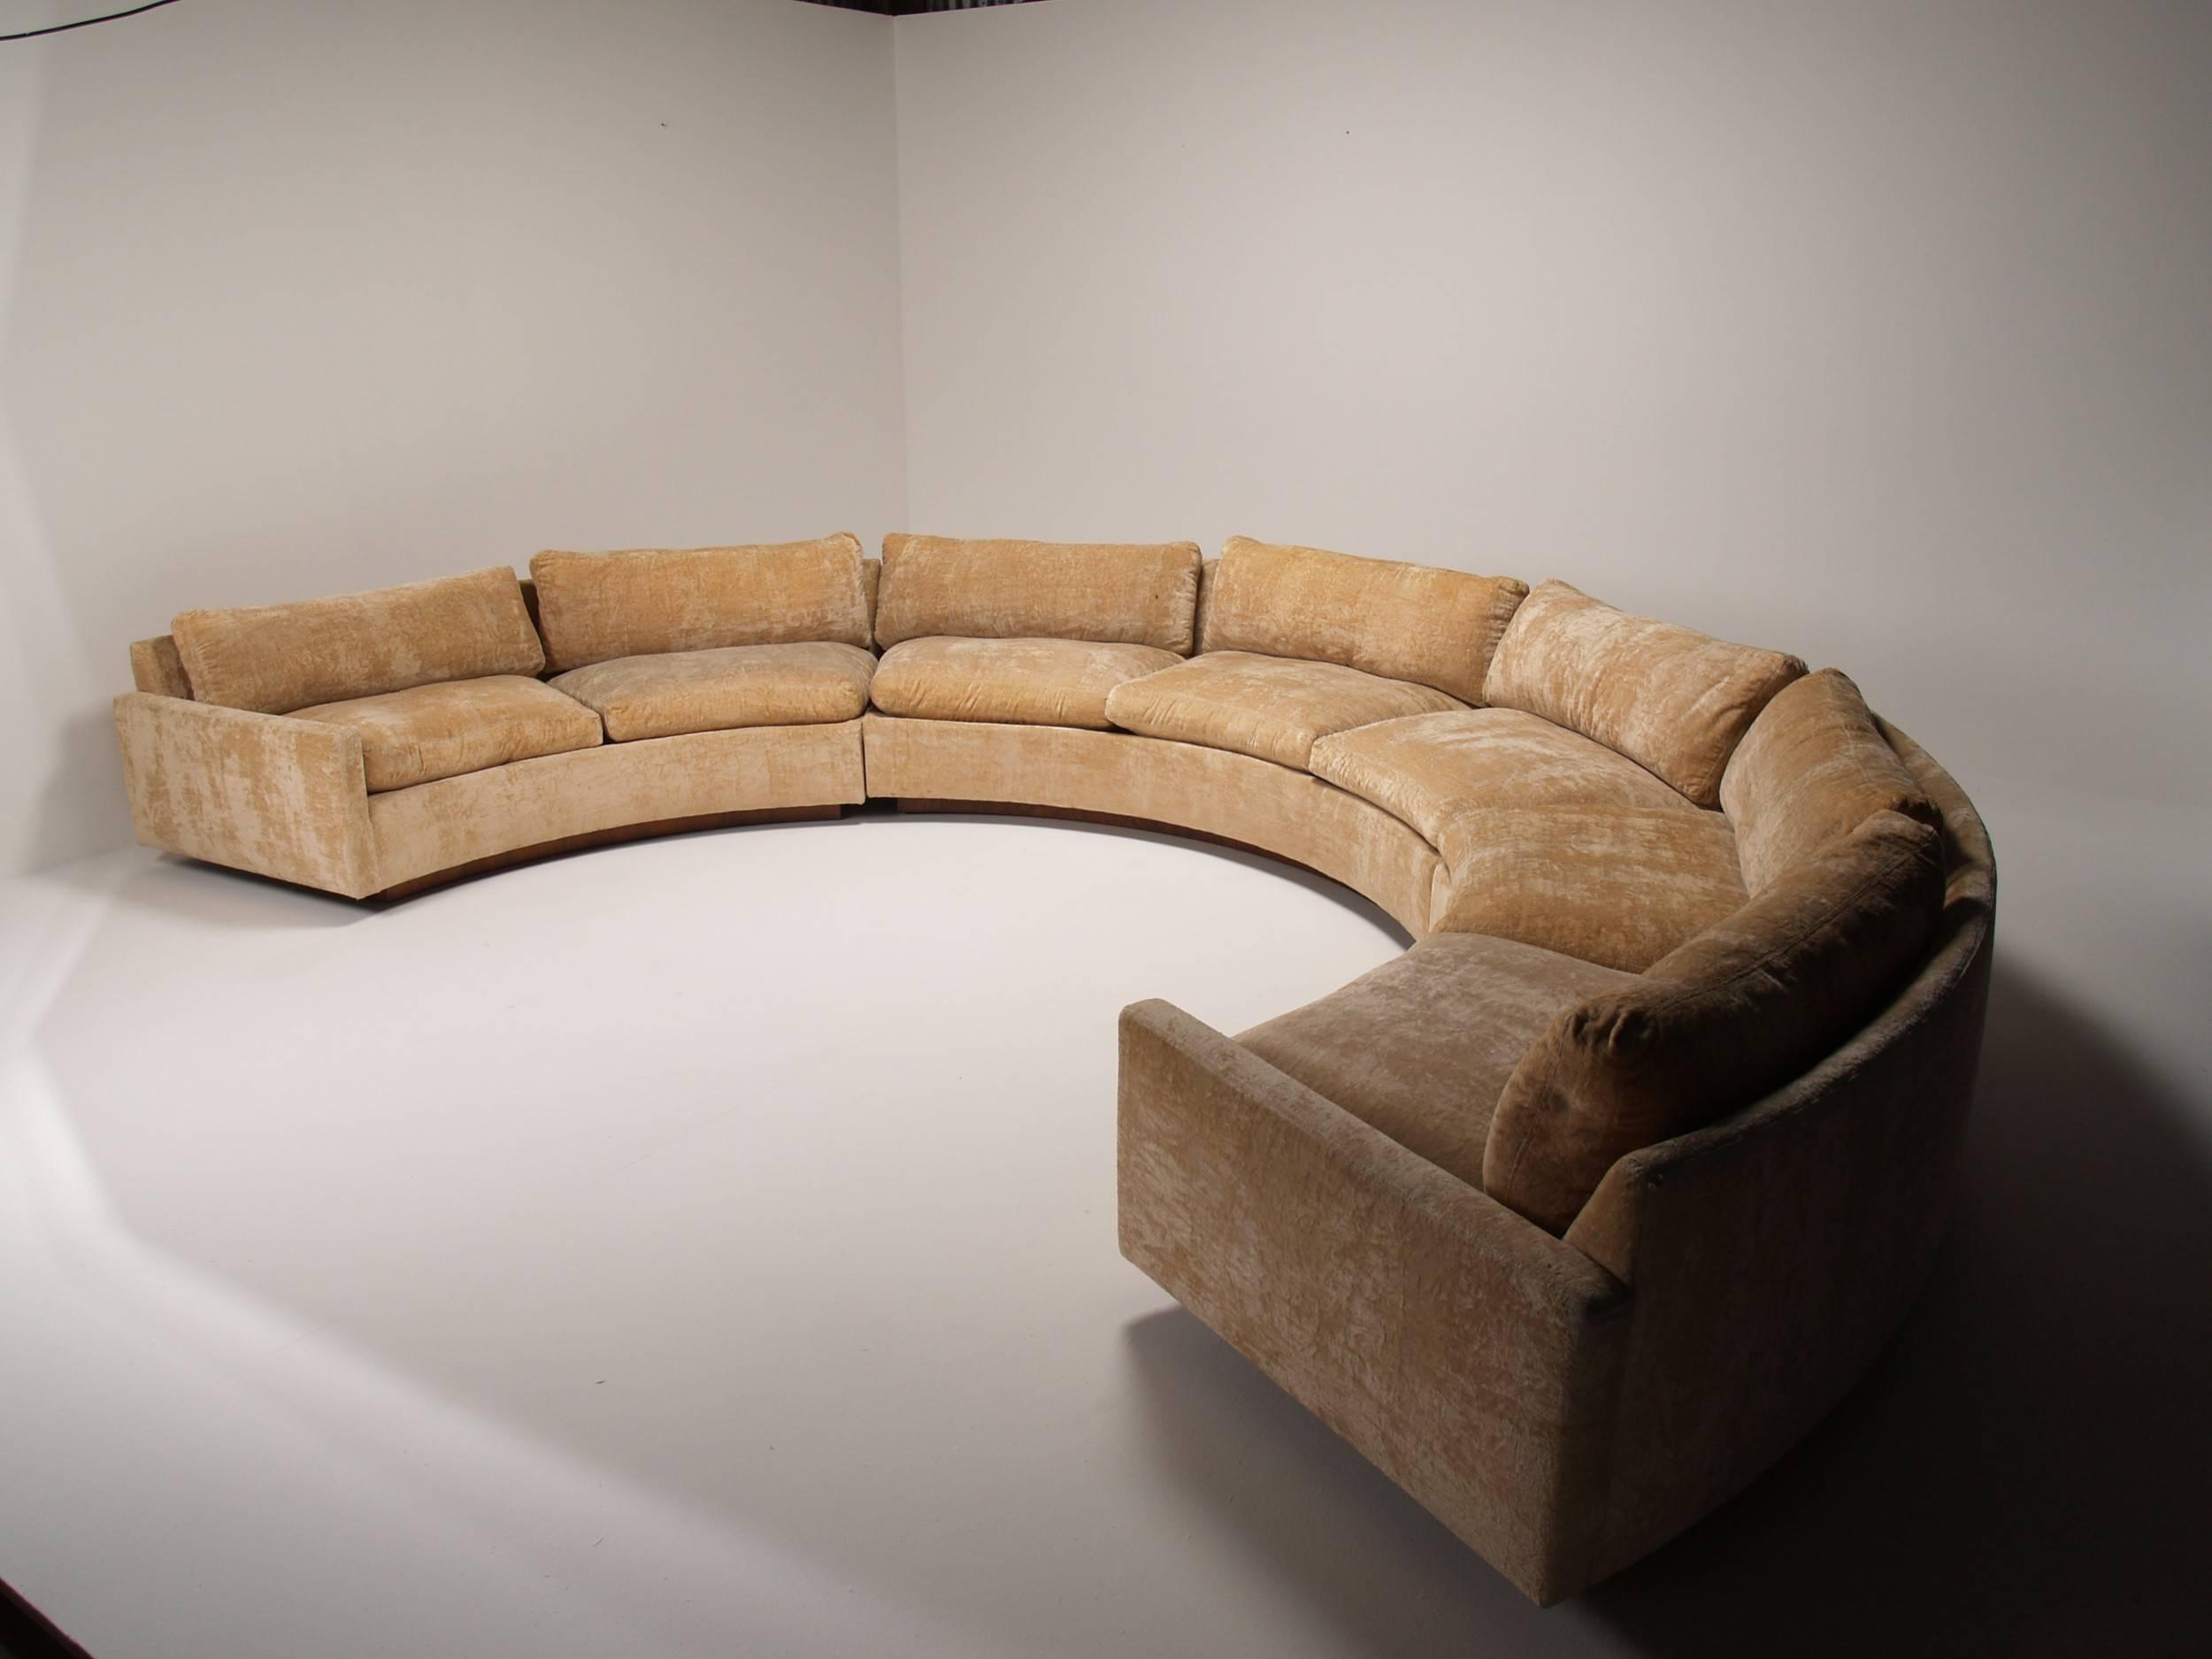 Interior Design. Semi Circle Couch Sofa: Semi Circle Couch Sofa for Semi Sofas (Image 7 of 15)